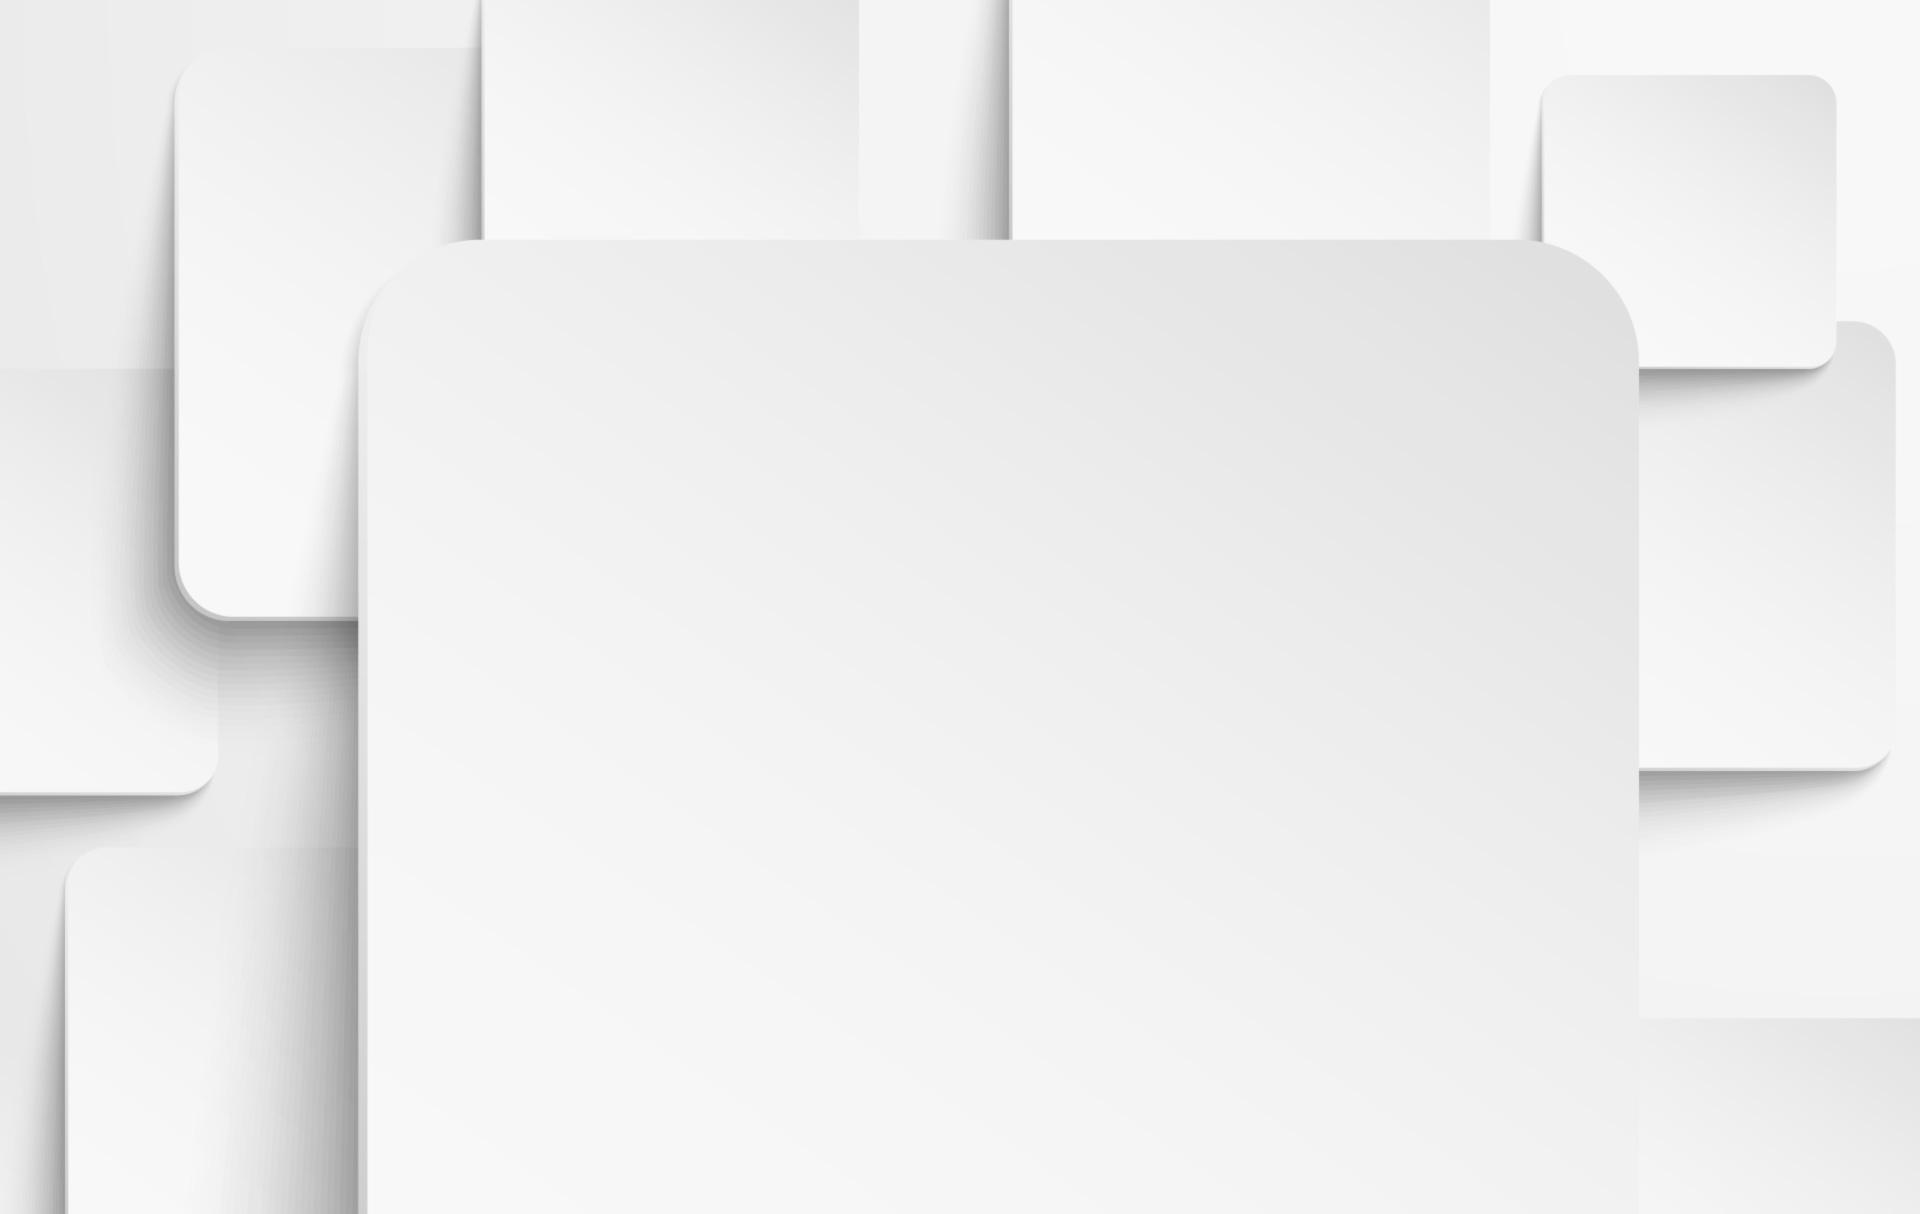 whitepaper-bkg